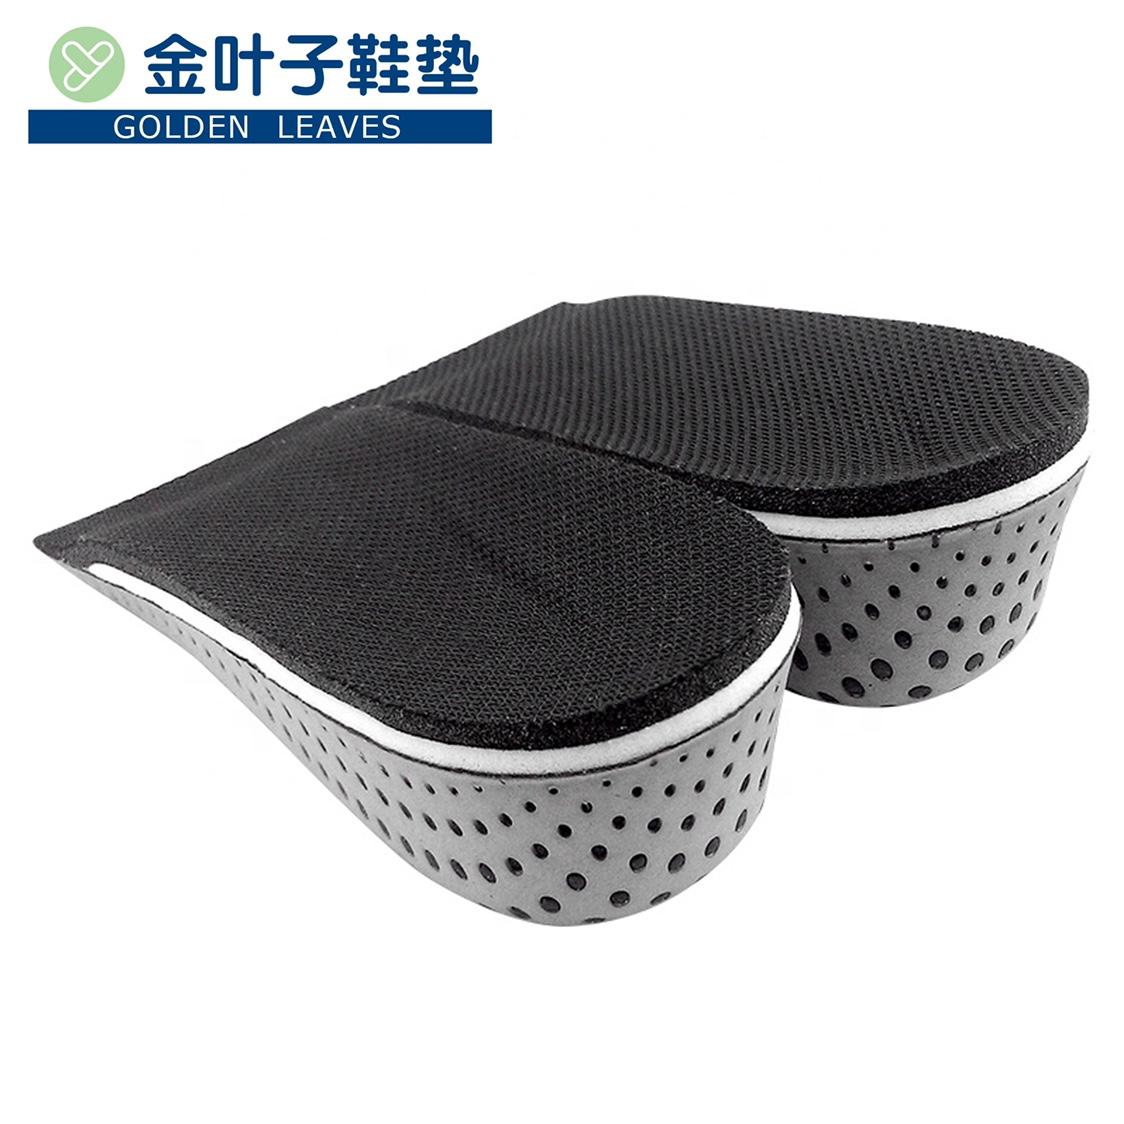 内增高EVA鞋垫半垫后跟隐形增高鞋垫舒适男女式记忆海绵多种高度-2cm  3cm  4cm